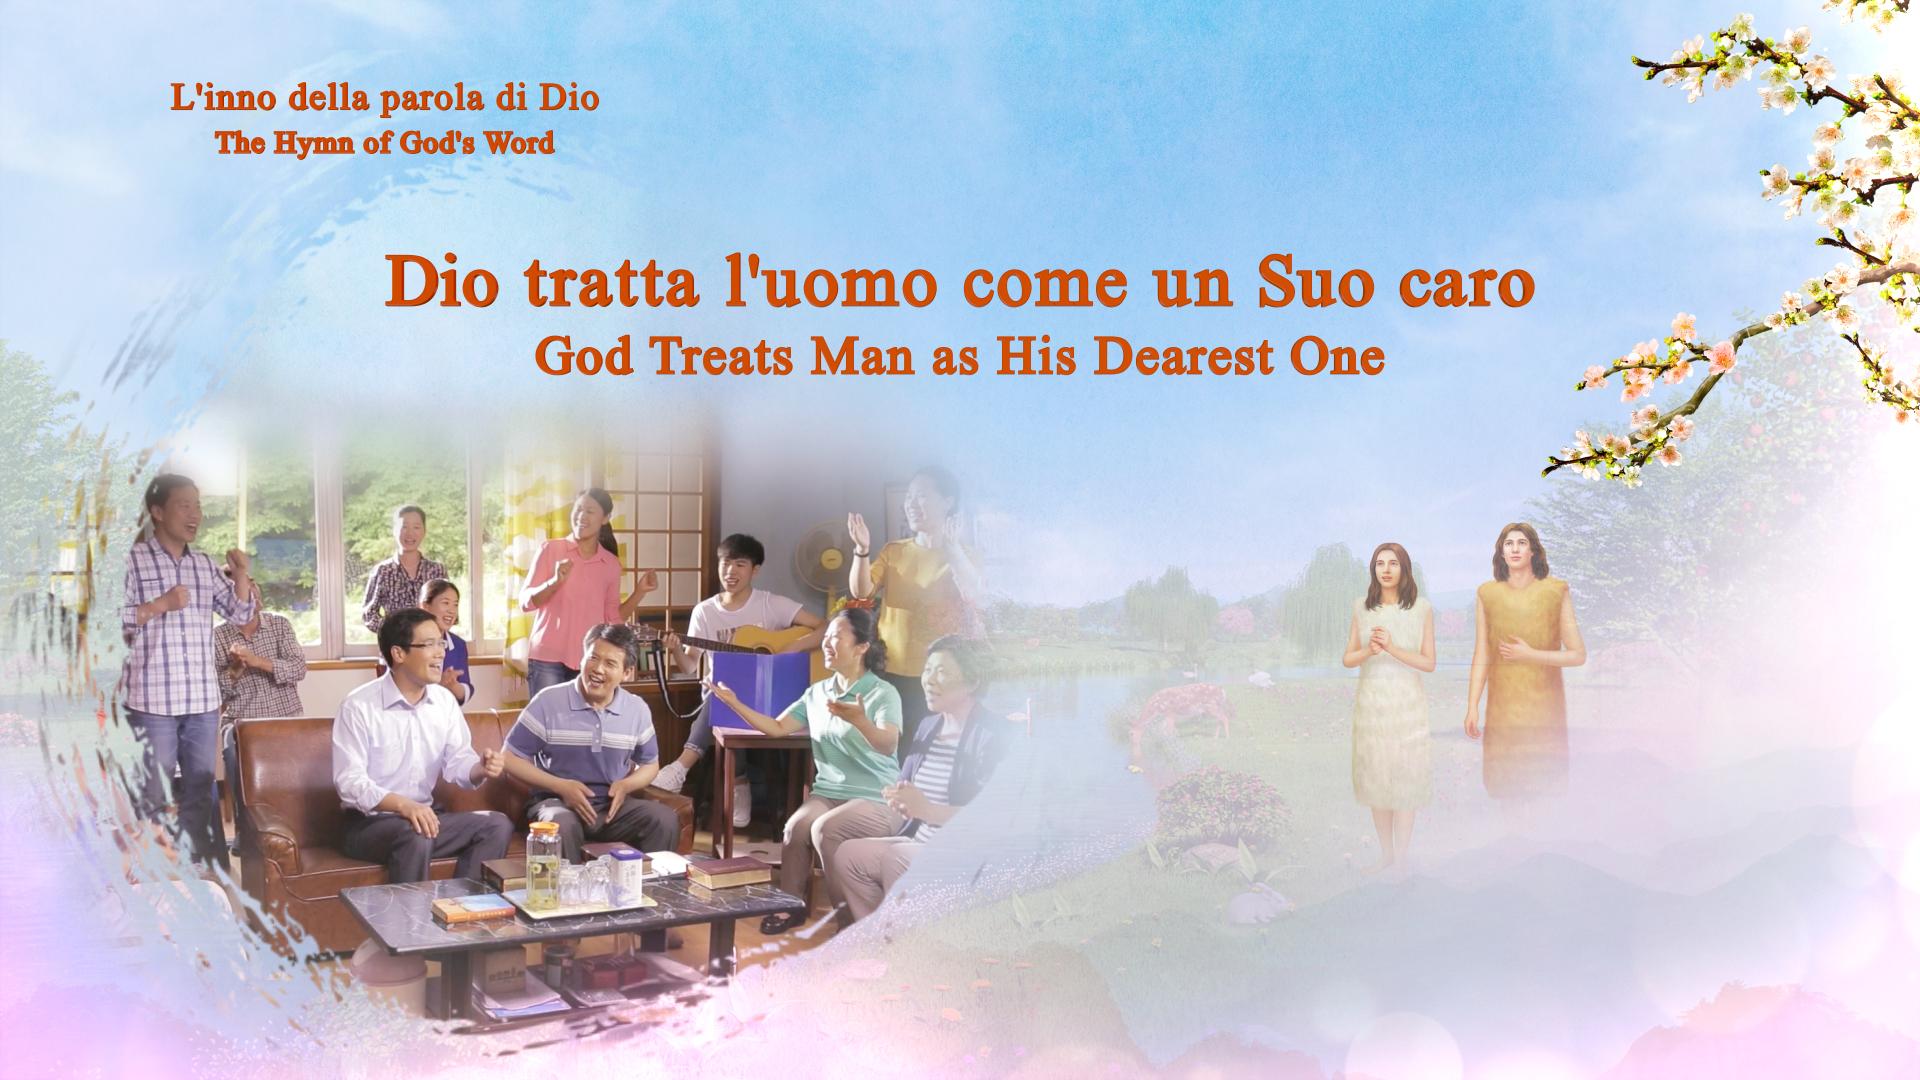 Dio tratta l'uomo come un Suo caro